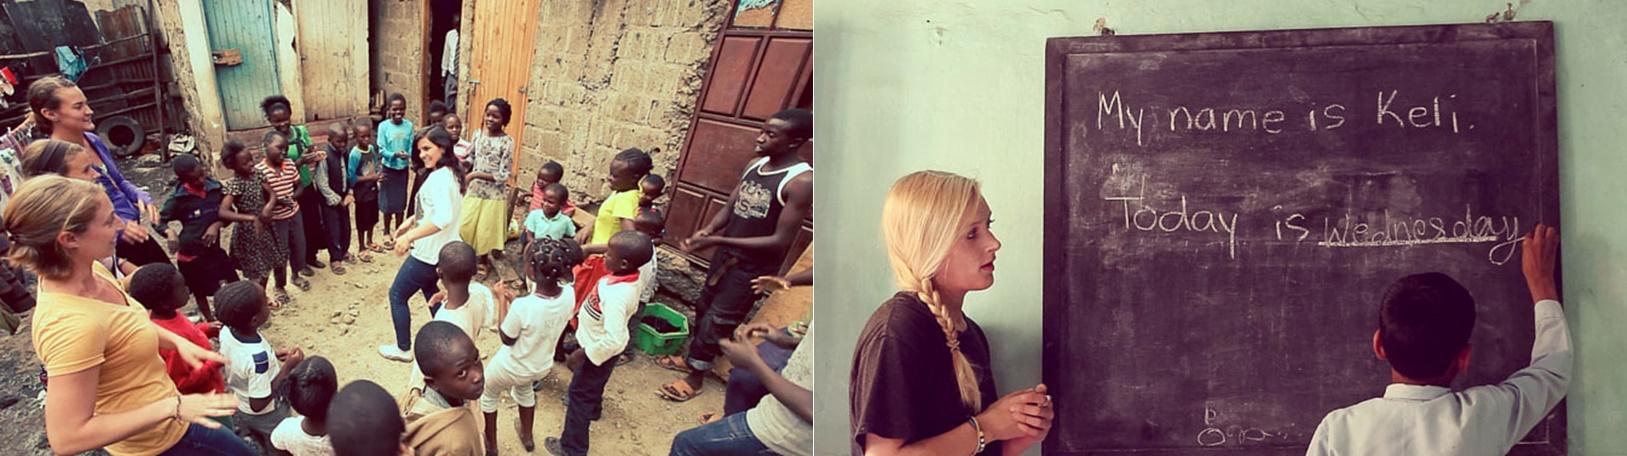 Fotos:  International Volunteer HQ